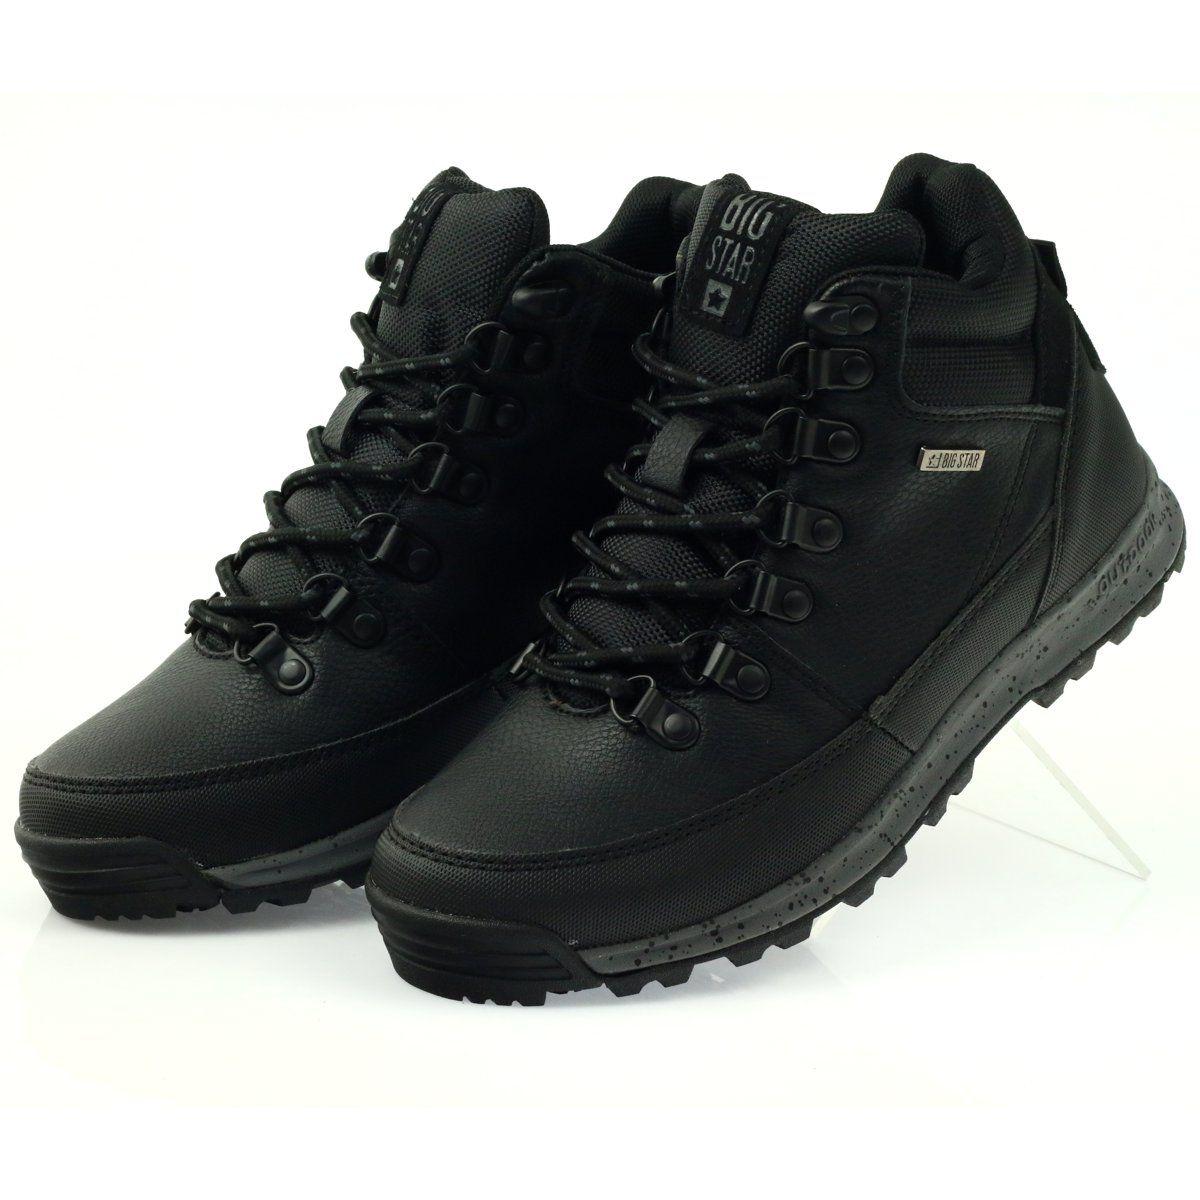 Trekkingi Sportowe Czarne Big Star 274636 Hiking Boots Shoes Boots